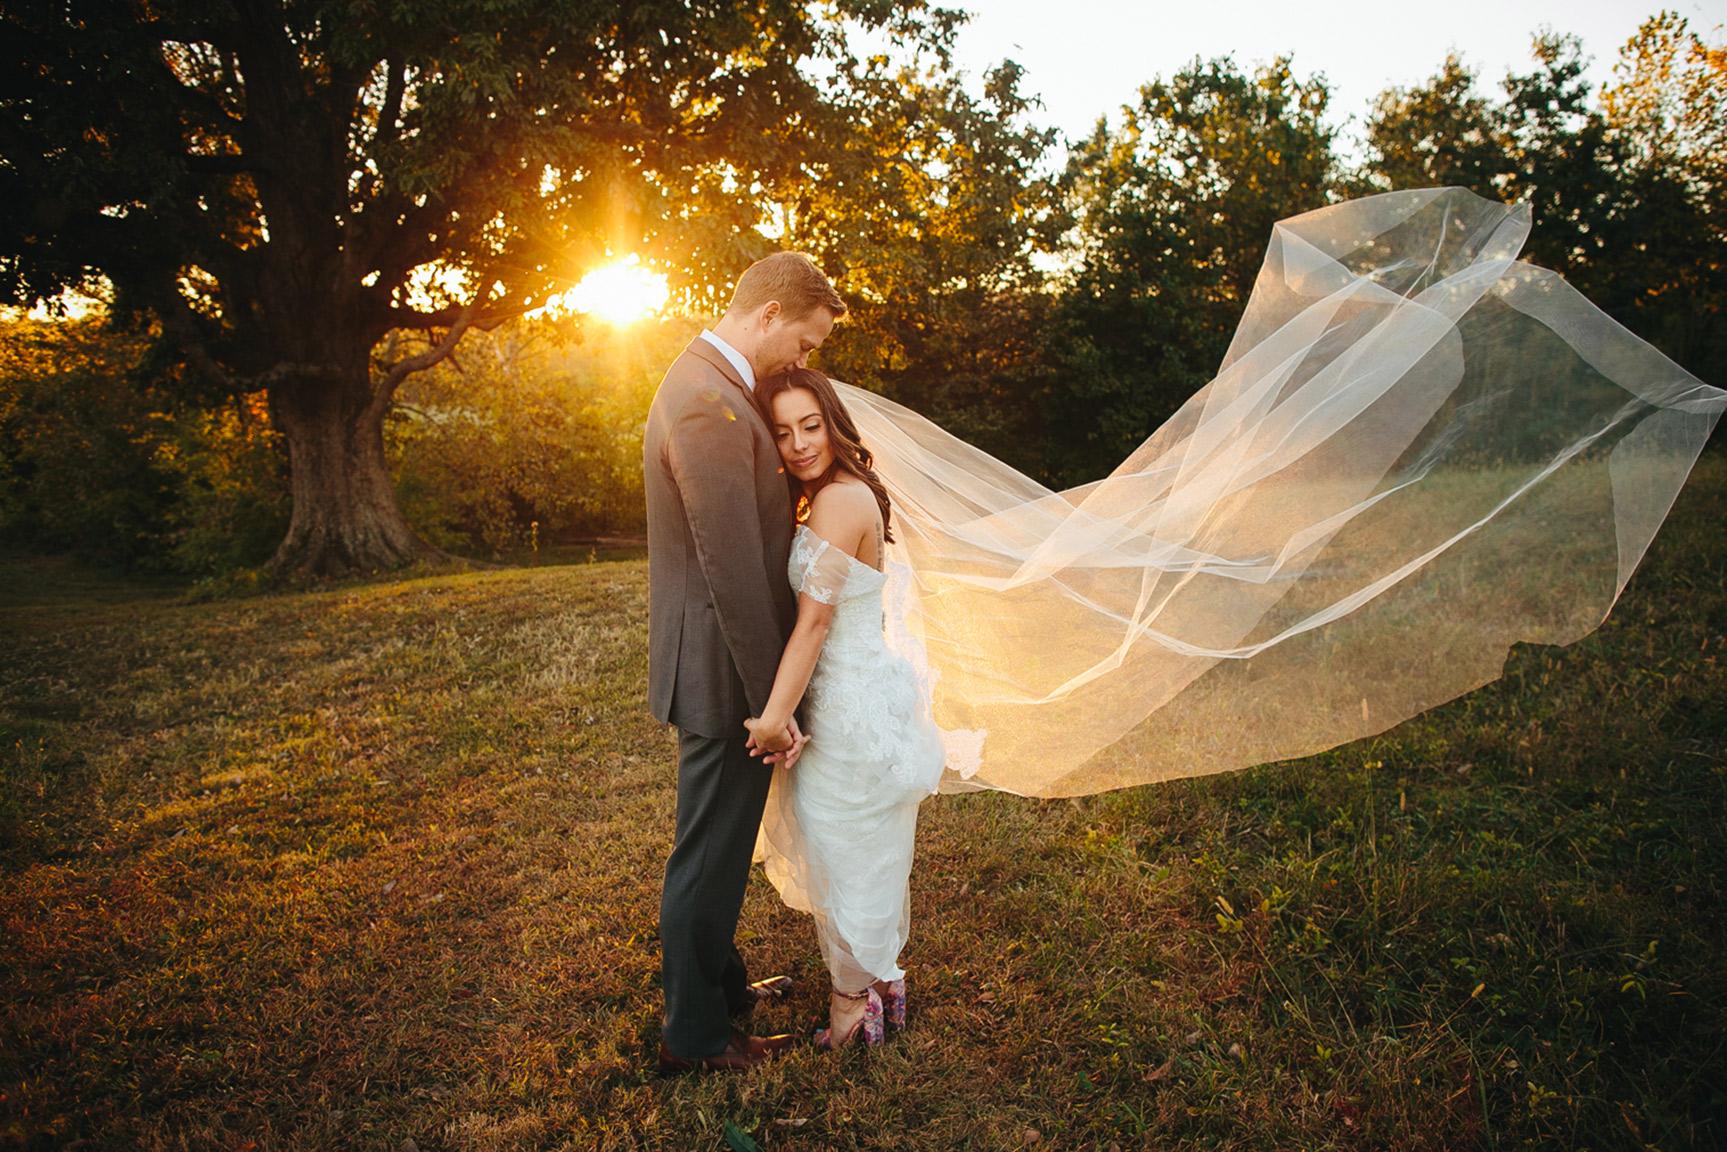 Nashville_WeddingPhotographer_028.jpg